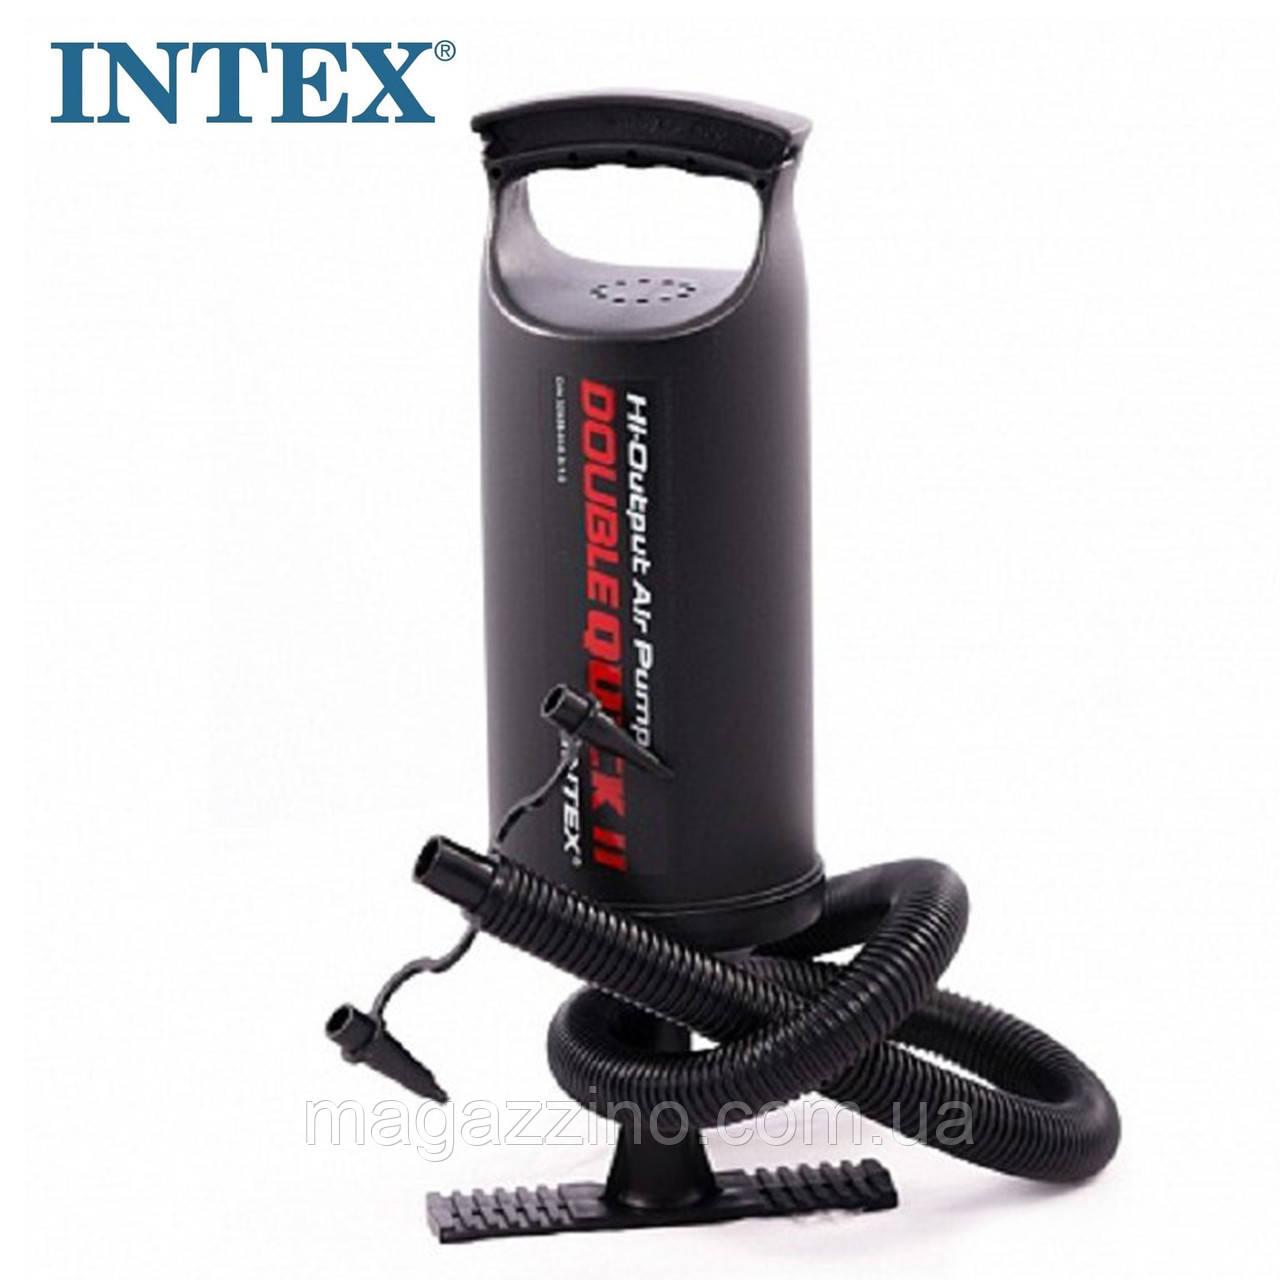 Ручной насос для надувания Intex, 1,7л.